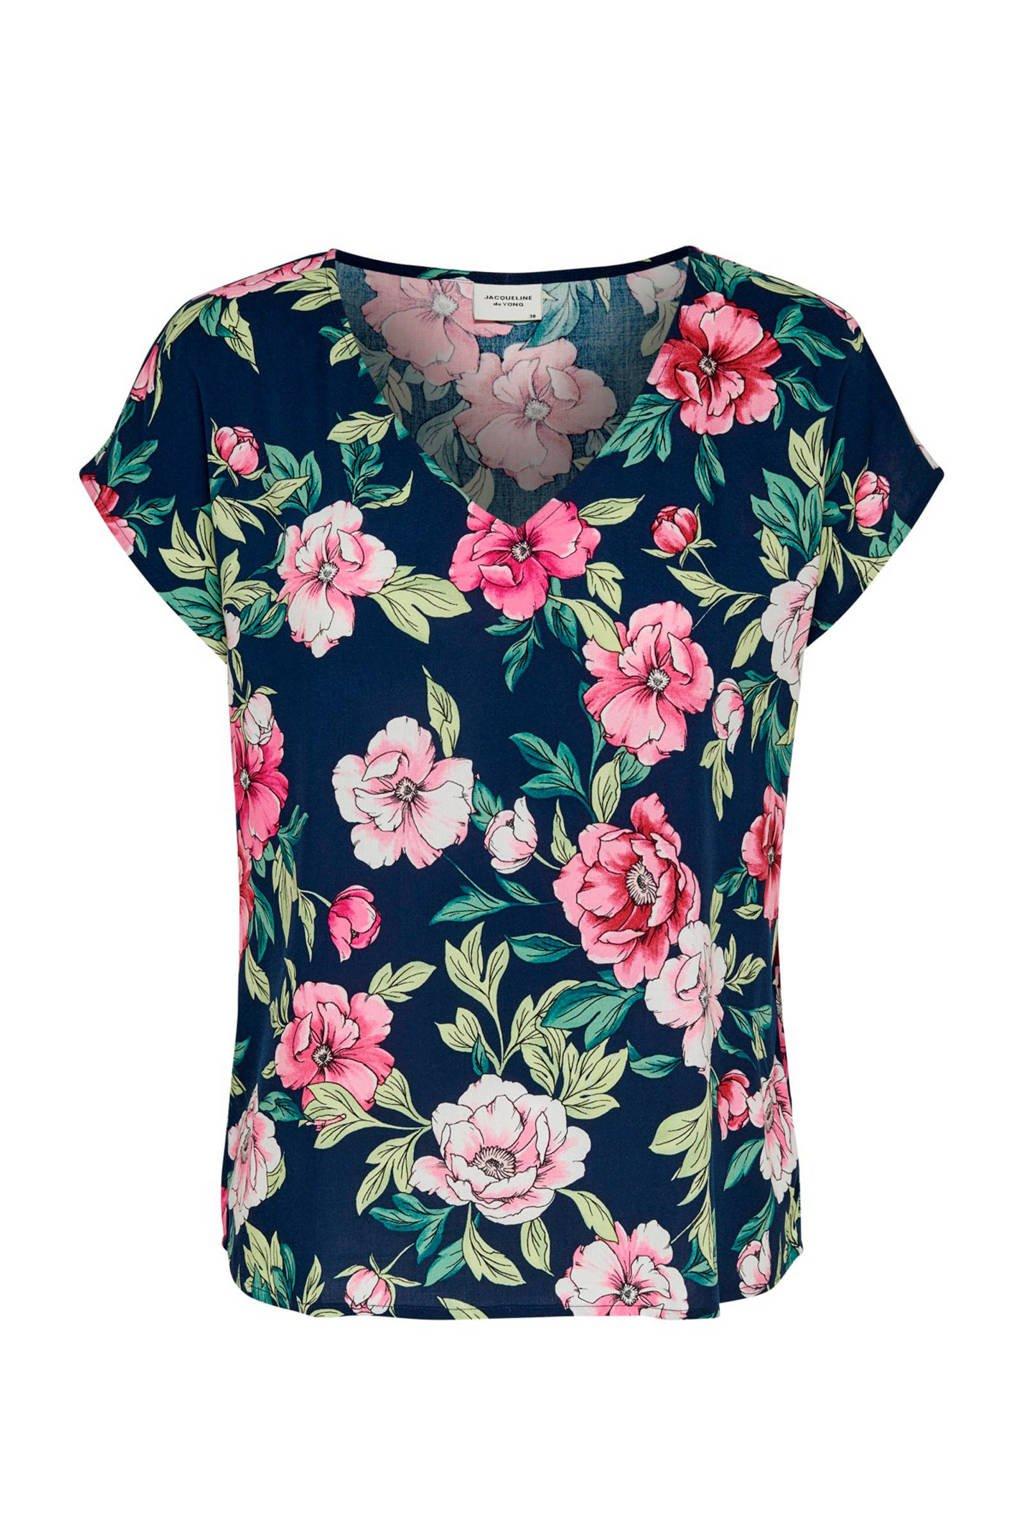 JACQUELINE DE YONG T-shirt met bloemenprint blauw, Donkerblauw/ groen/ roze